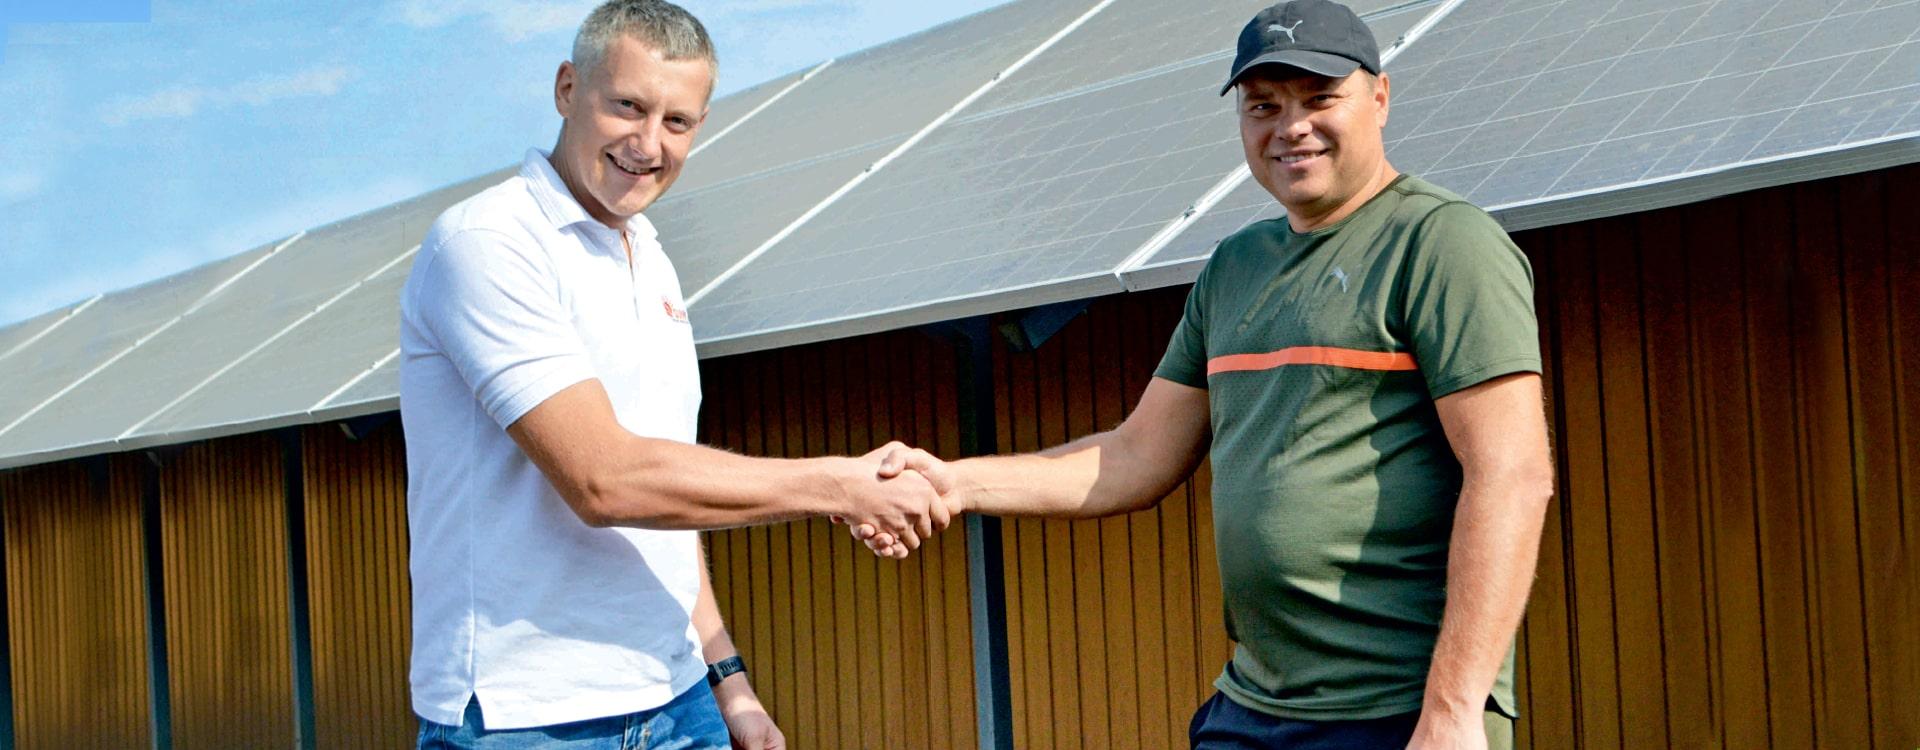 Sunnik | Сонячні панелі - це екологічно чиста енергетика, і високий дохід від інвестицій